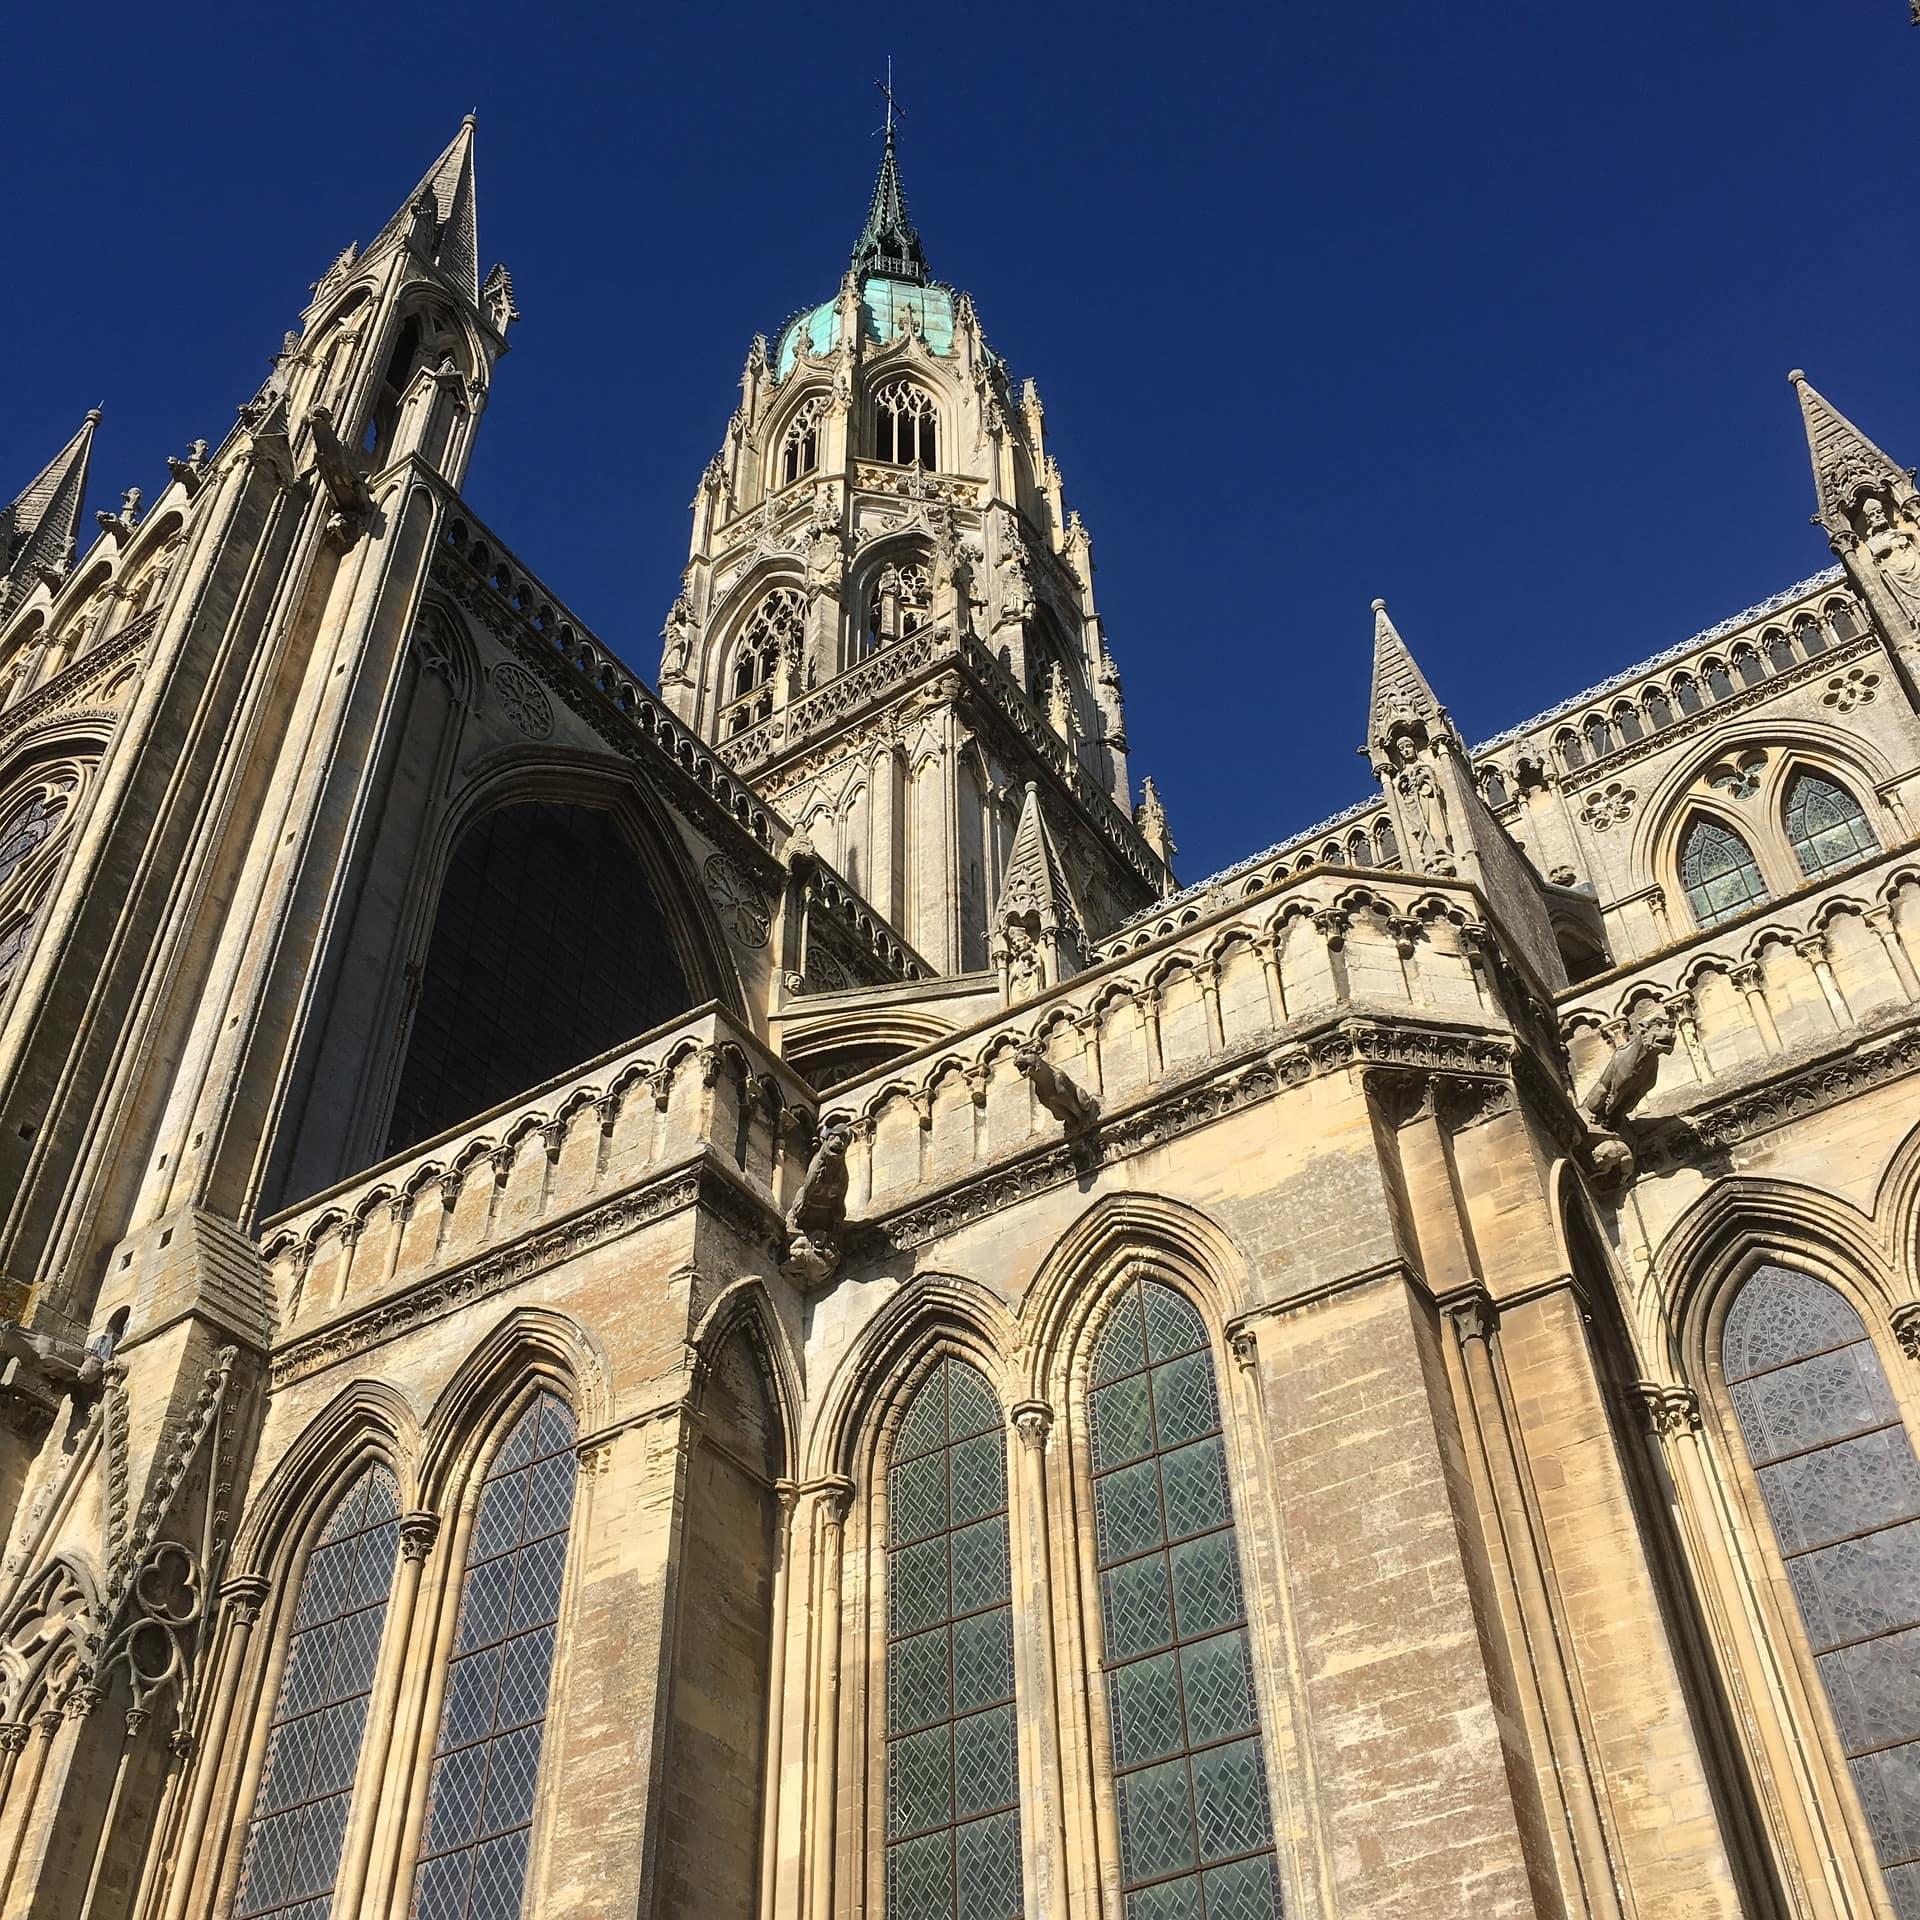 DAY 2 - Bayeux